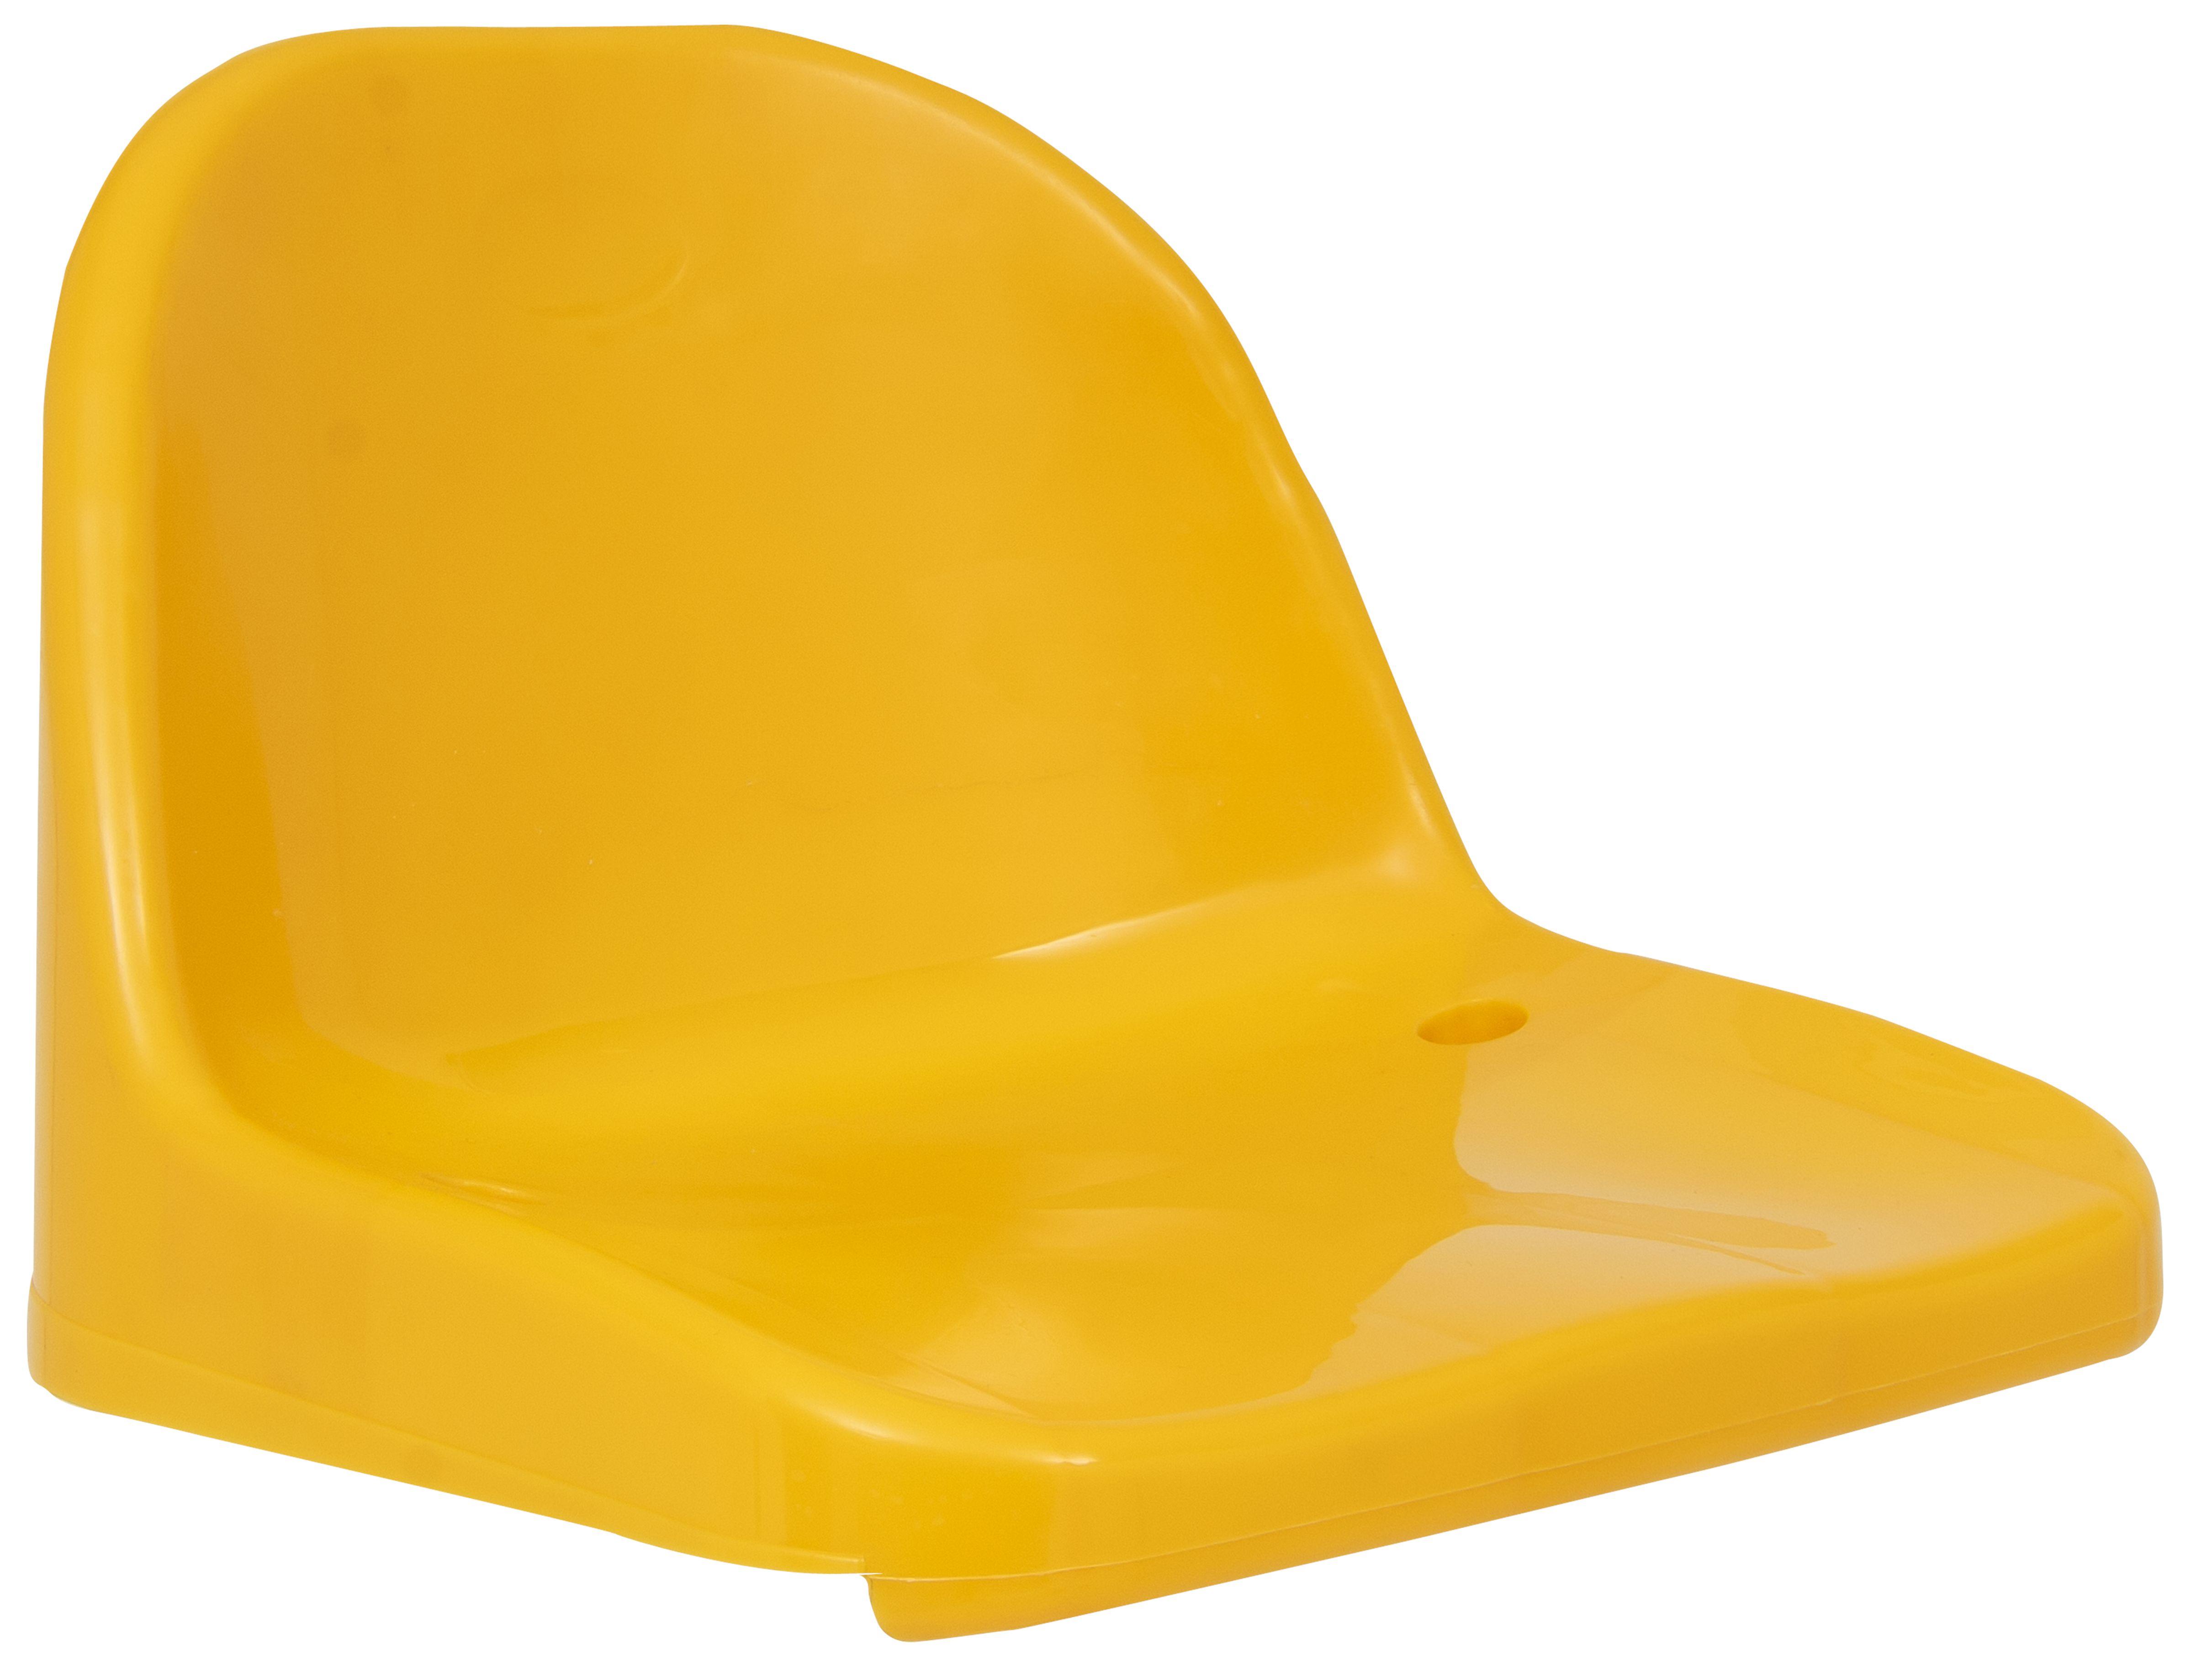 gama_backrest_monoblock_copolymer_pp_stadium_chair_seatorium_05